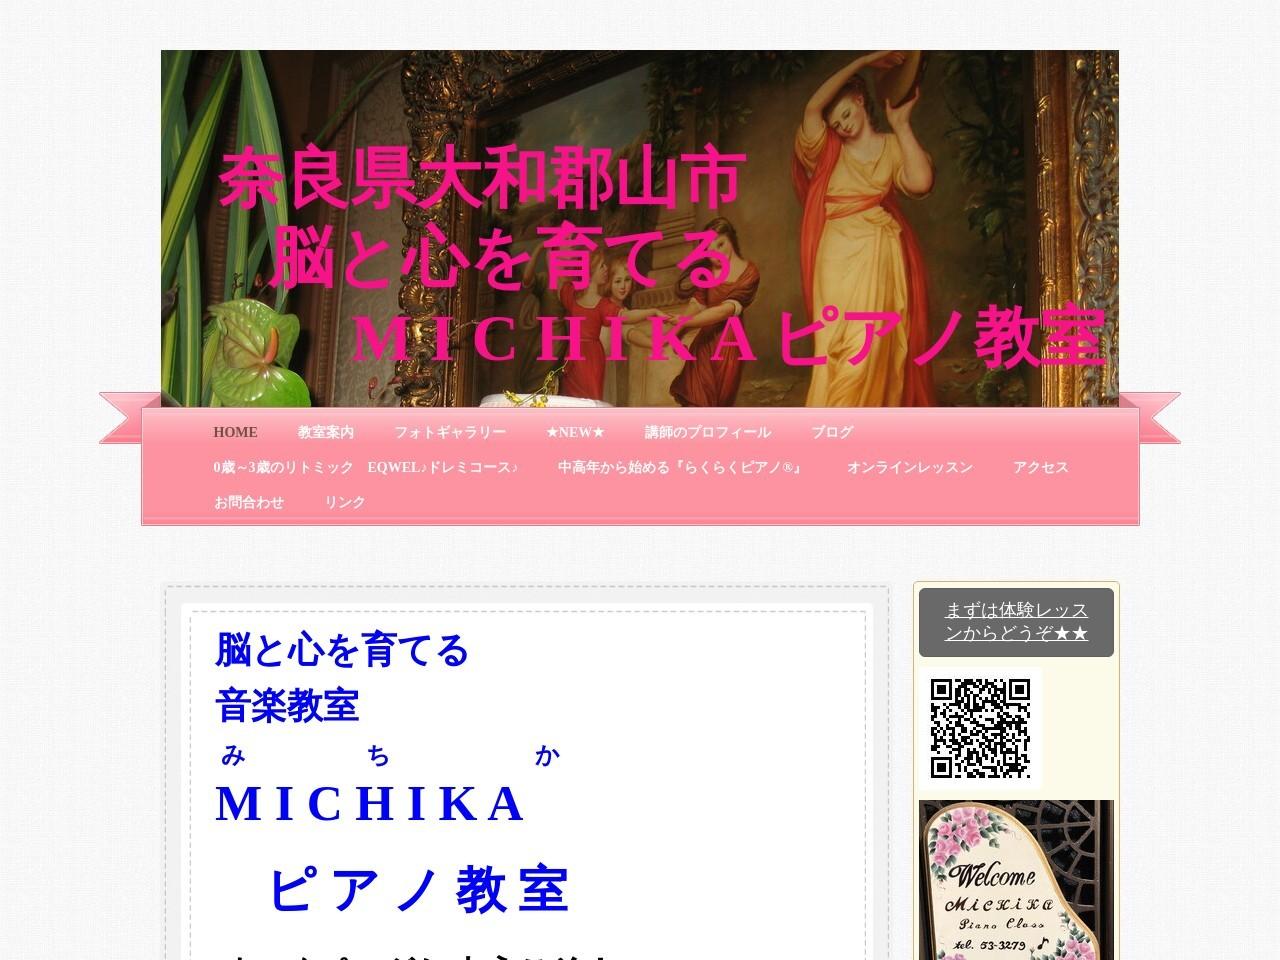 MICHIKAピアノ教室のサムネイル